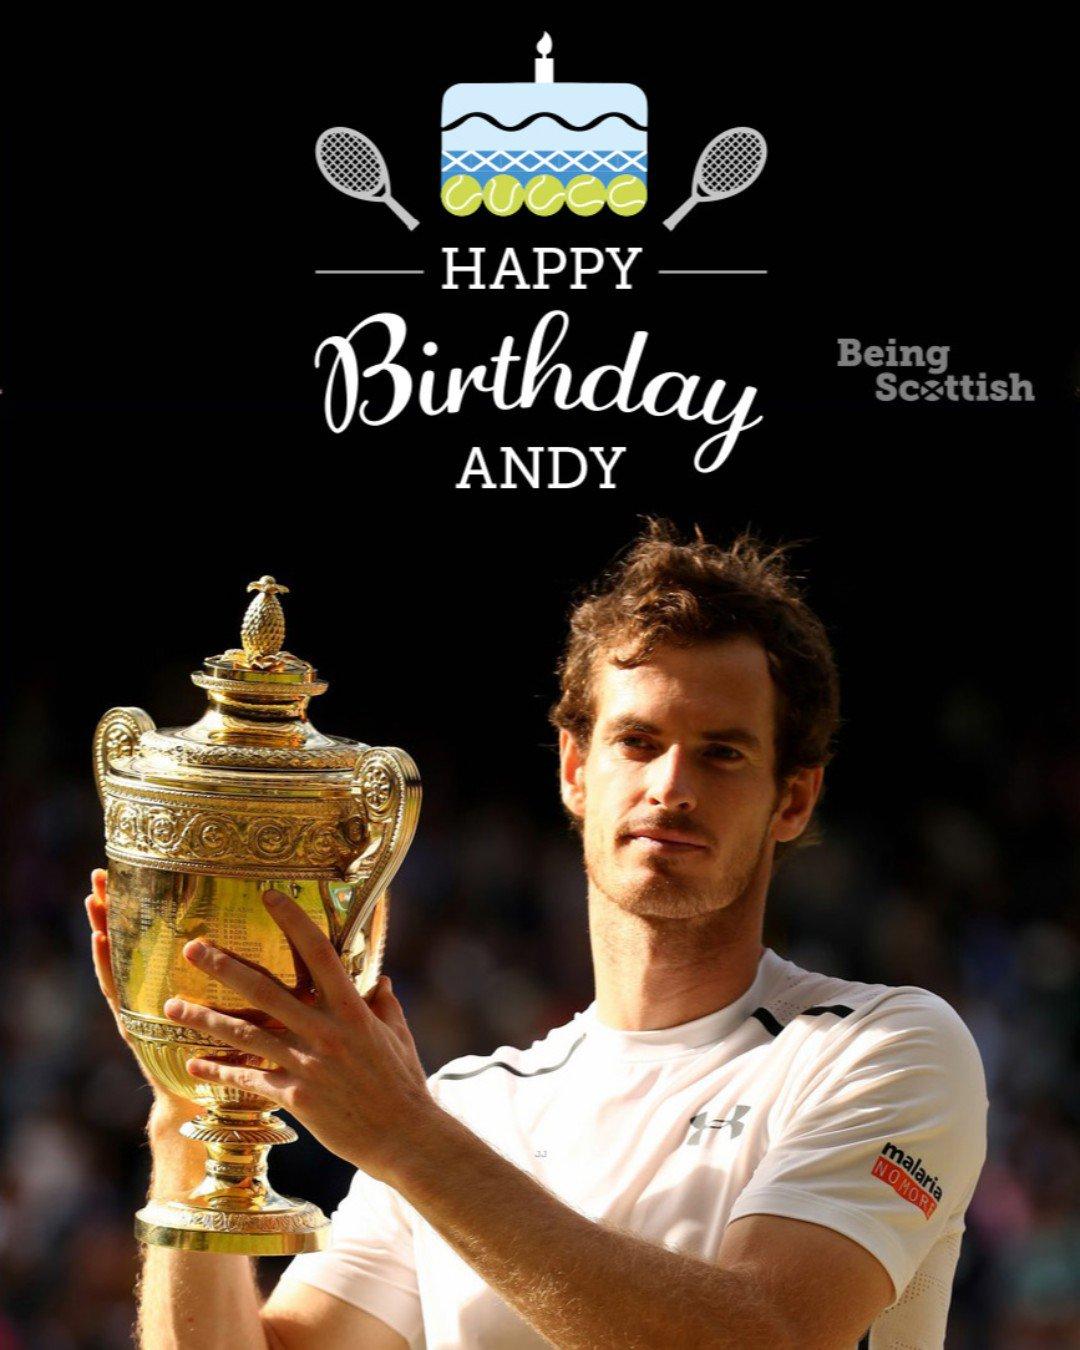 Happy birthday to Scotland\s tennis superstar